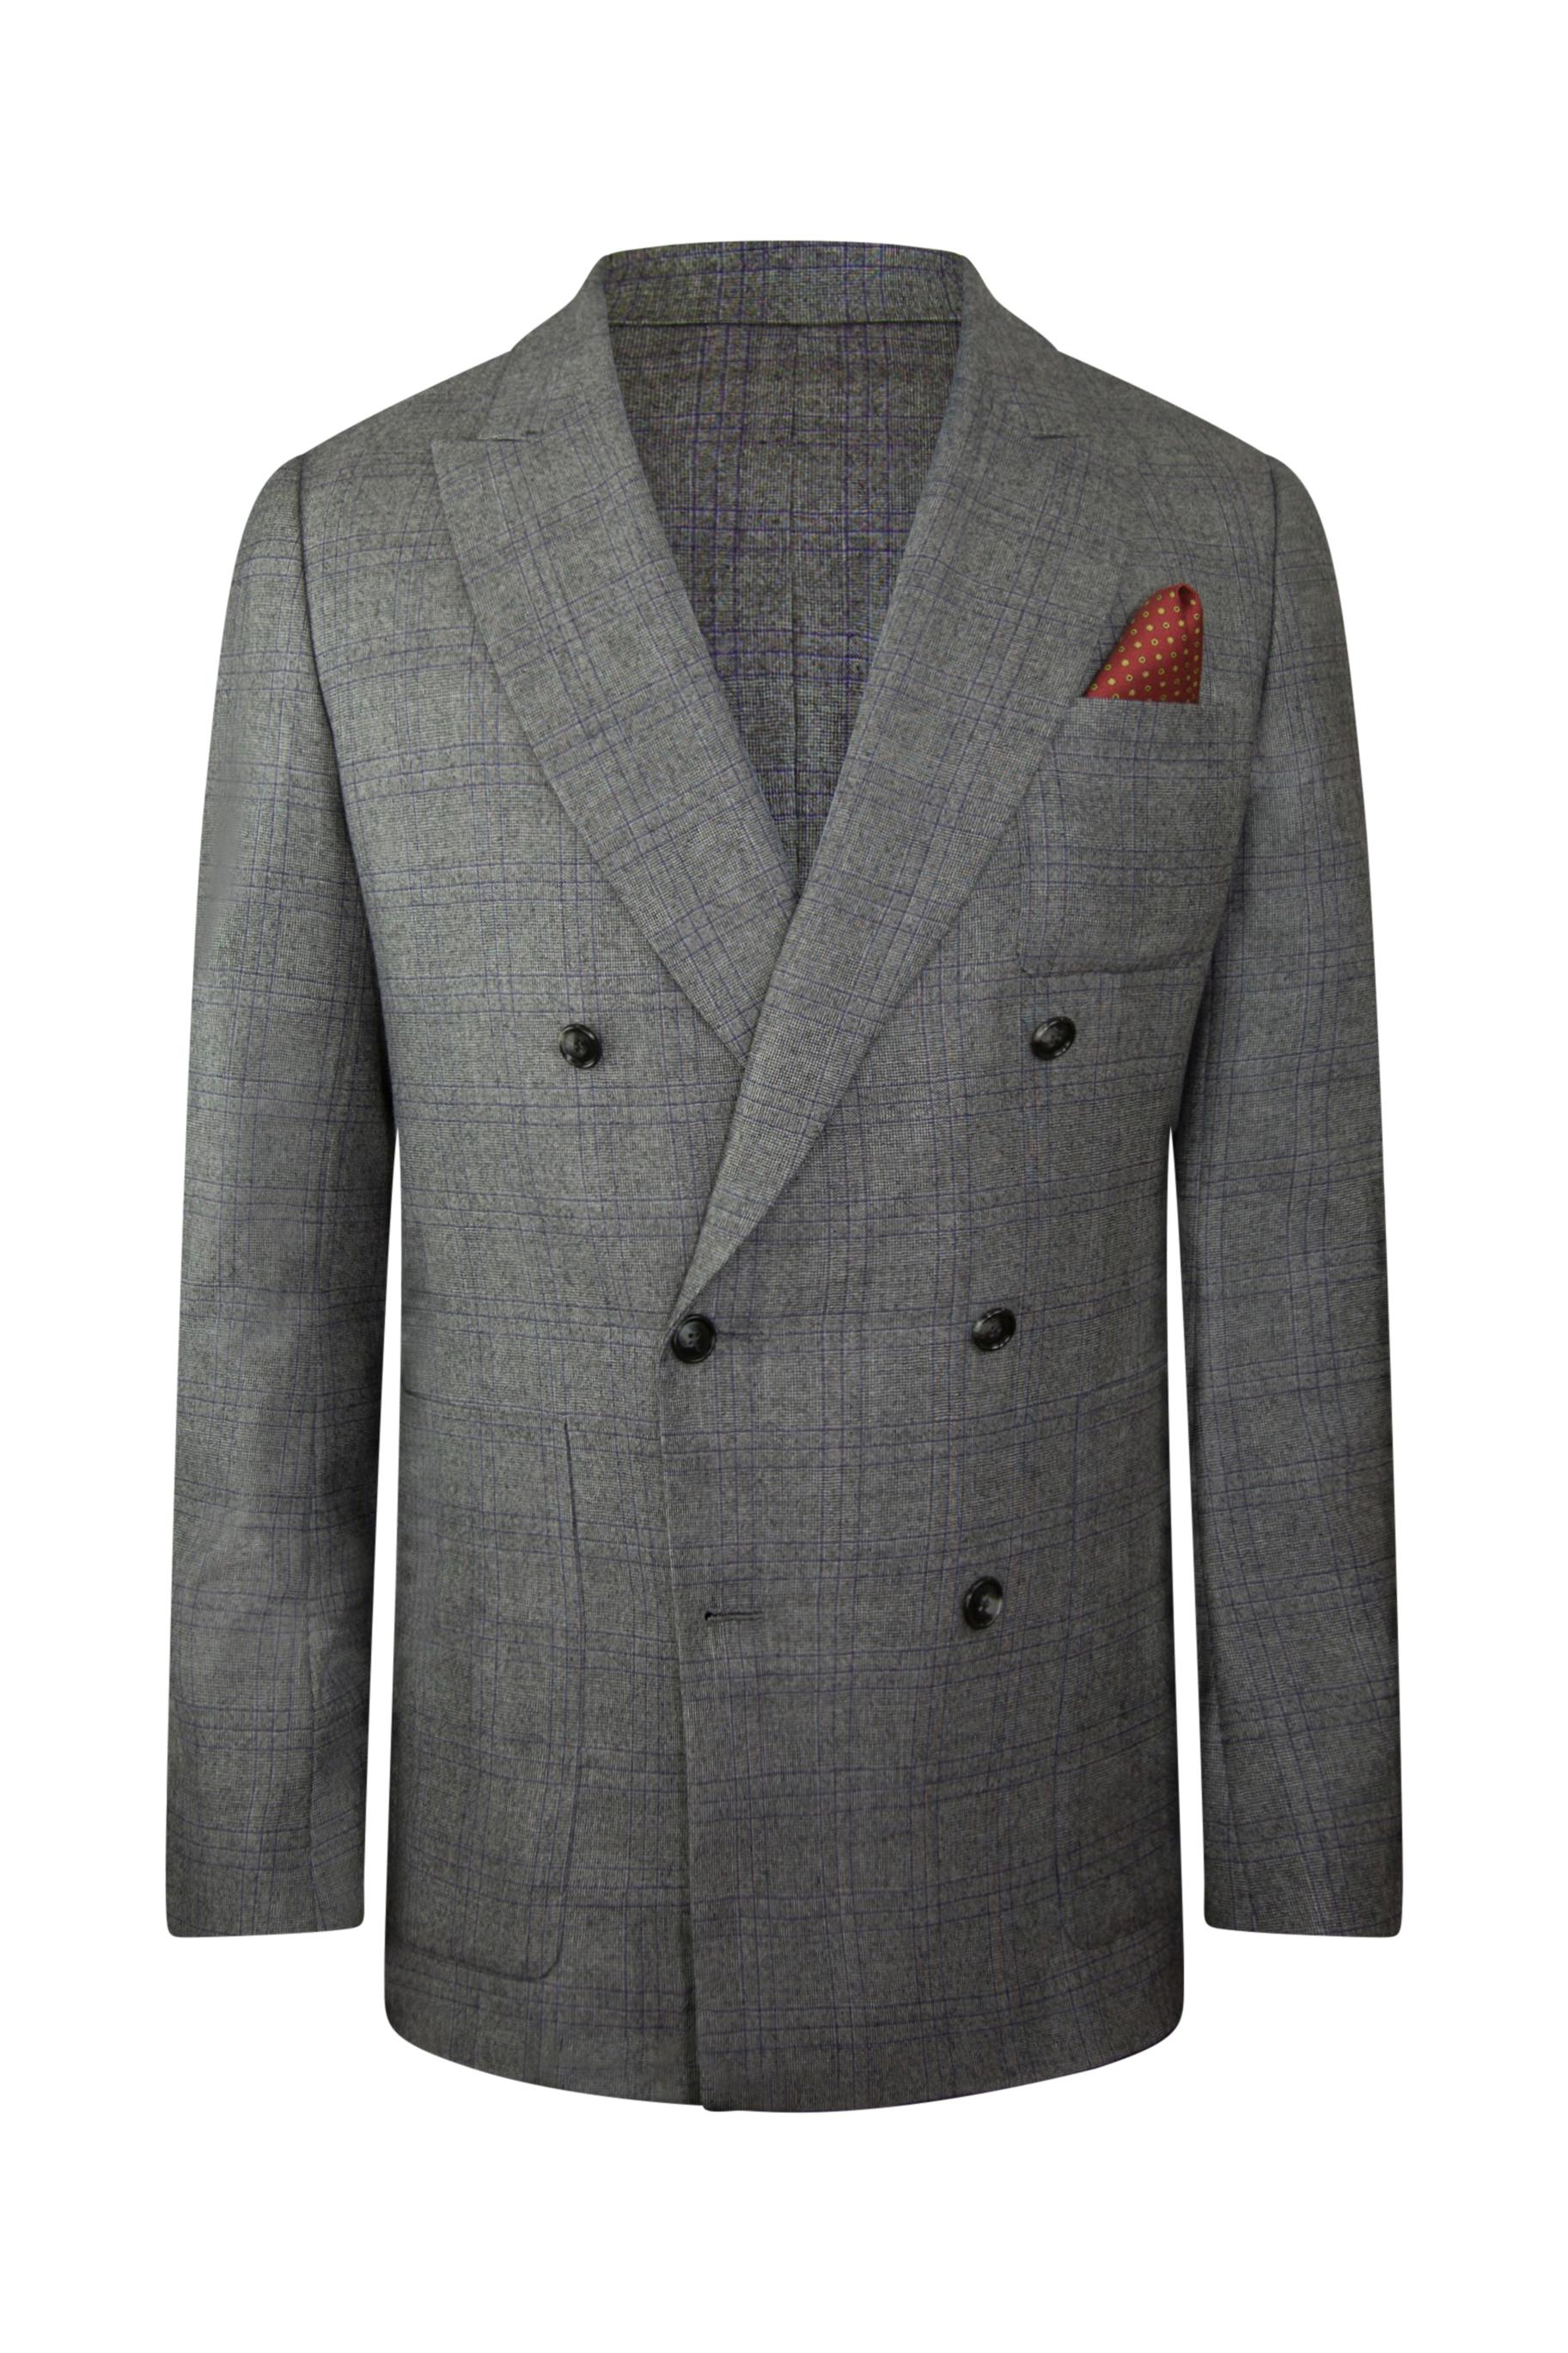 Bespoke jacket